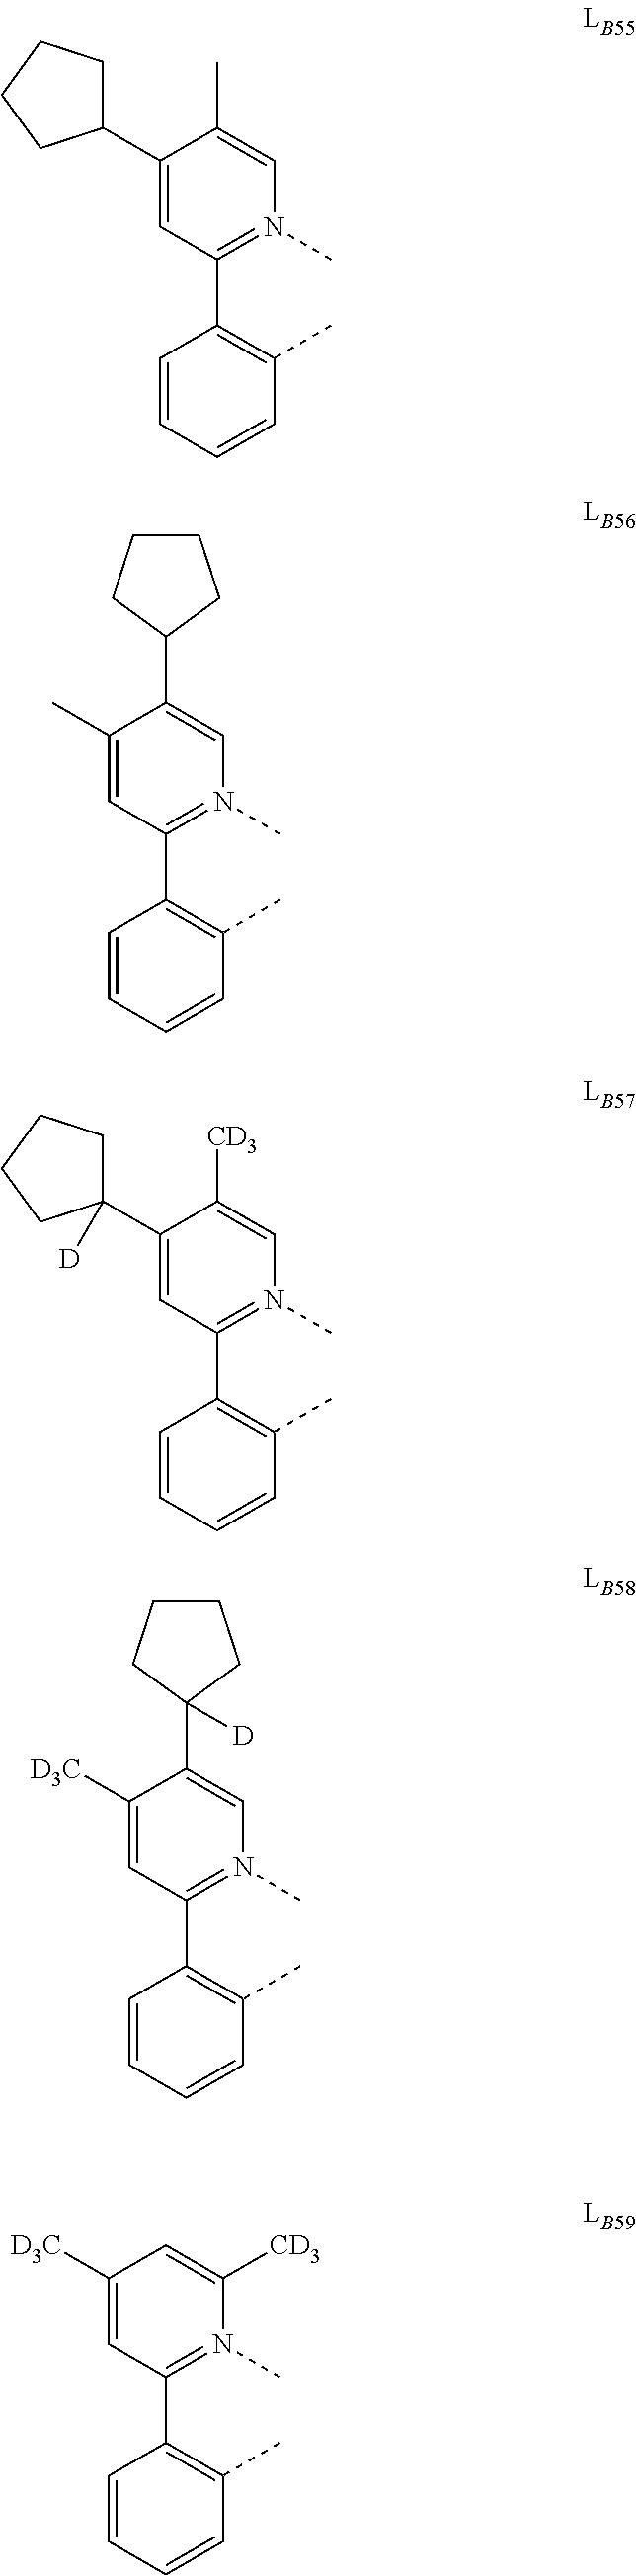 Figure US09929360-20180327-C00227